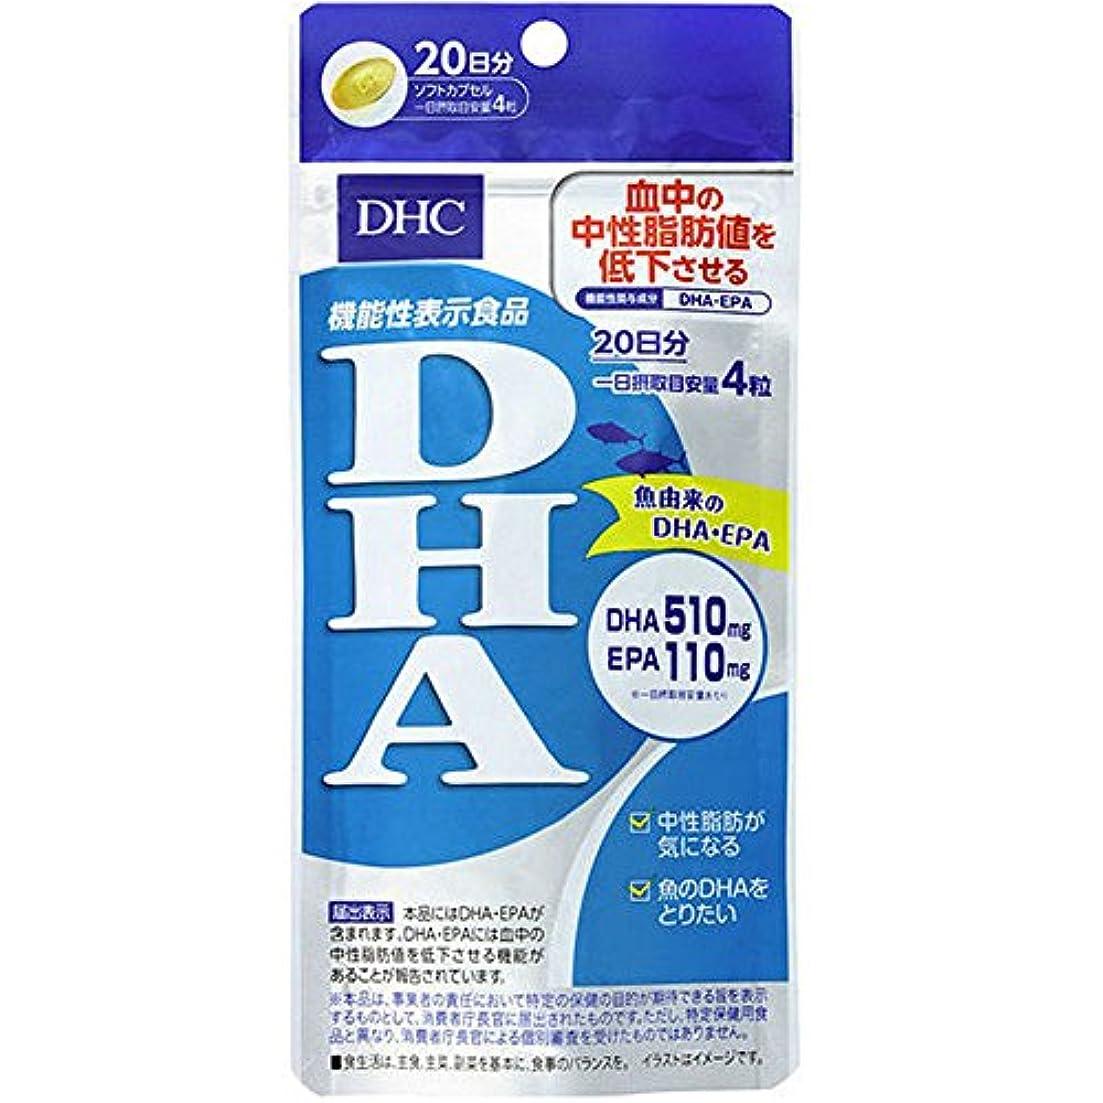 判定警察孤独DHC DHA 20日分 80粒 【機能性表示食品】